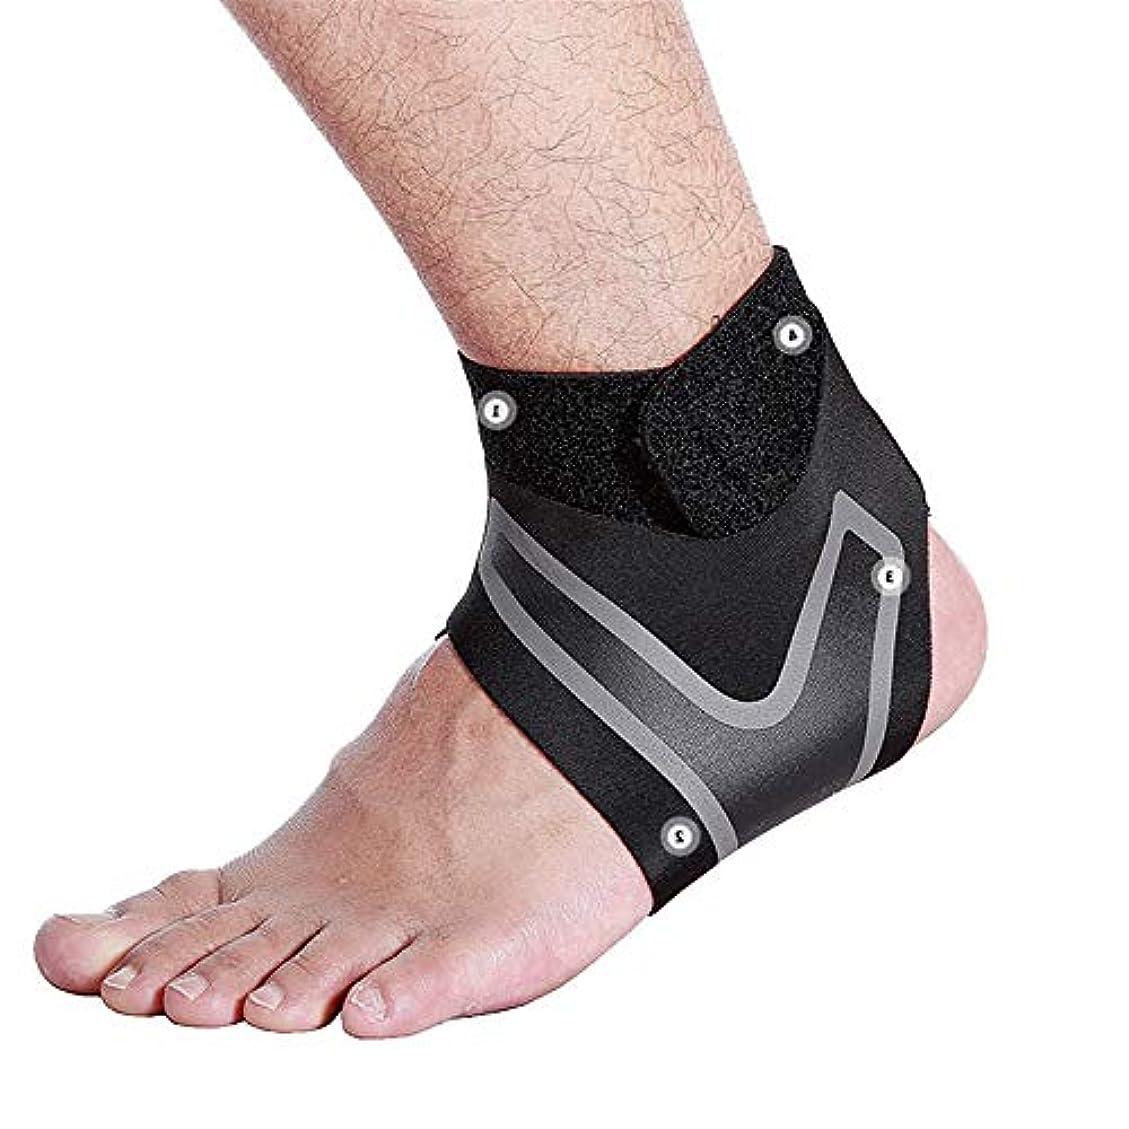 被害者コーチ下男性と女性用のアンクルブレース、調節可能な圧縮足首サポートラップ、足底筋膜炎用の完璧な足首スリーブ、アキレス腱、小さな捻rain、すべてに合うサイズ